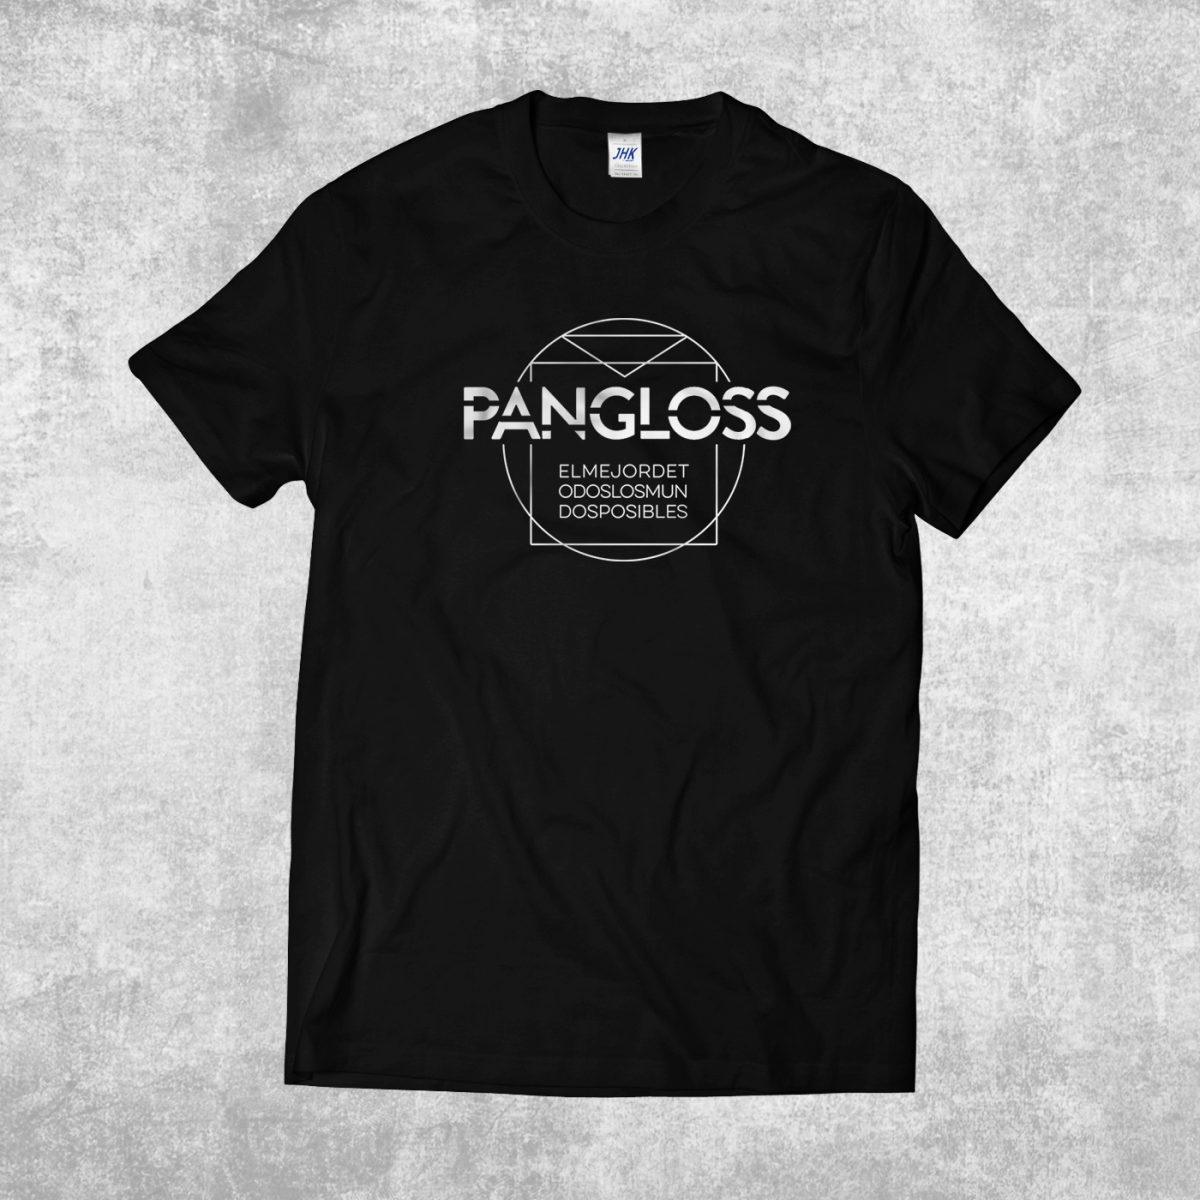 Camiseta chico Pangloss Vitruvio Hora Zulu tienda online